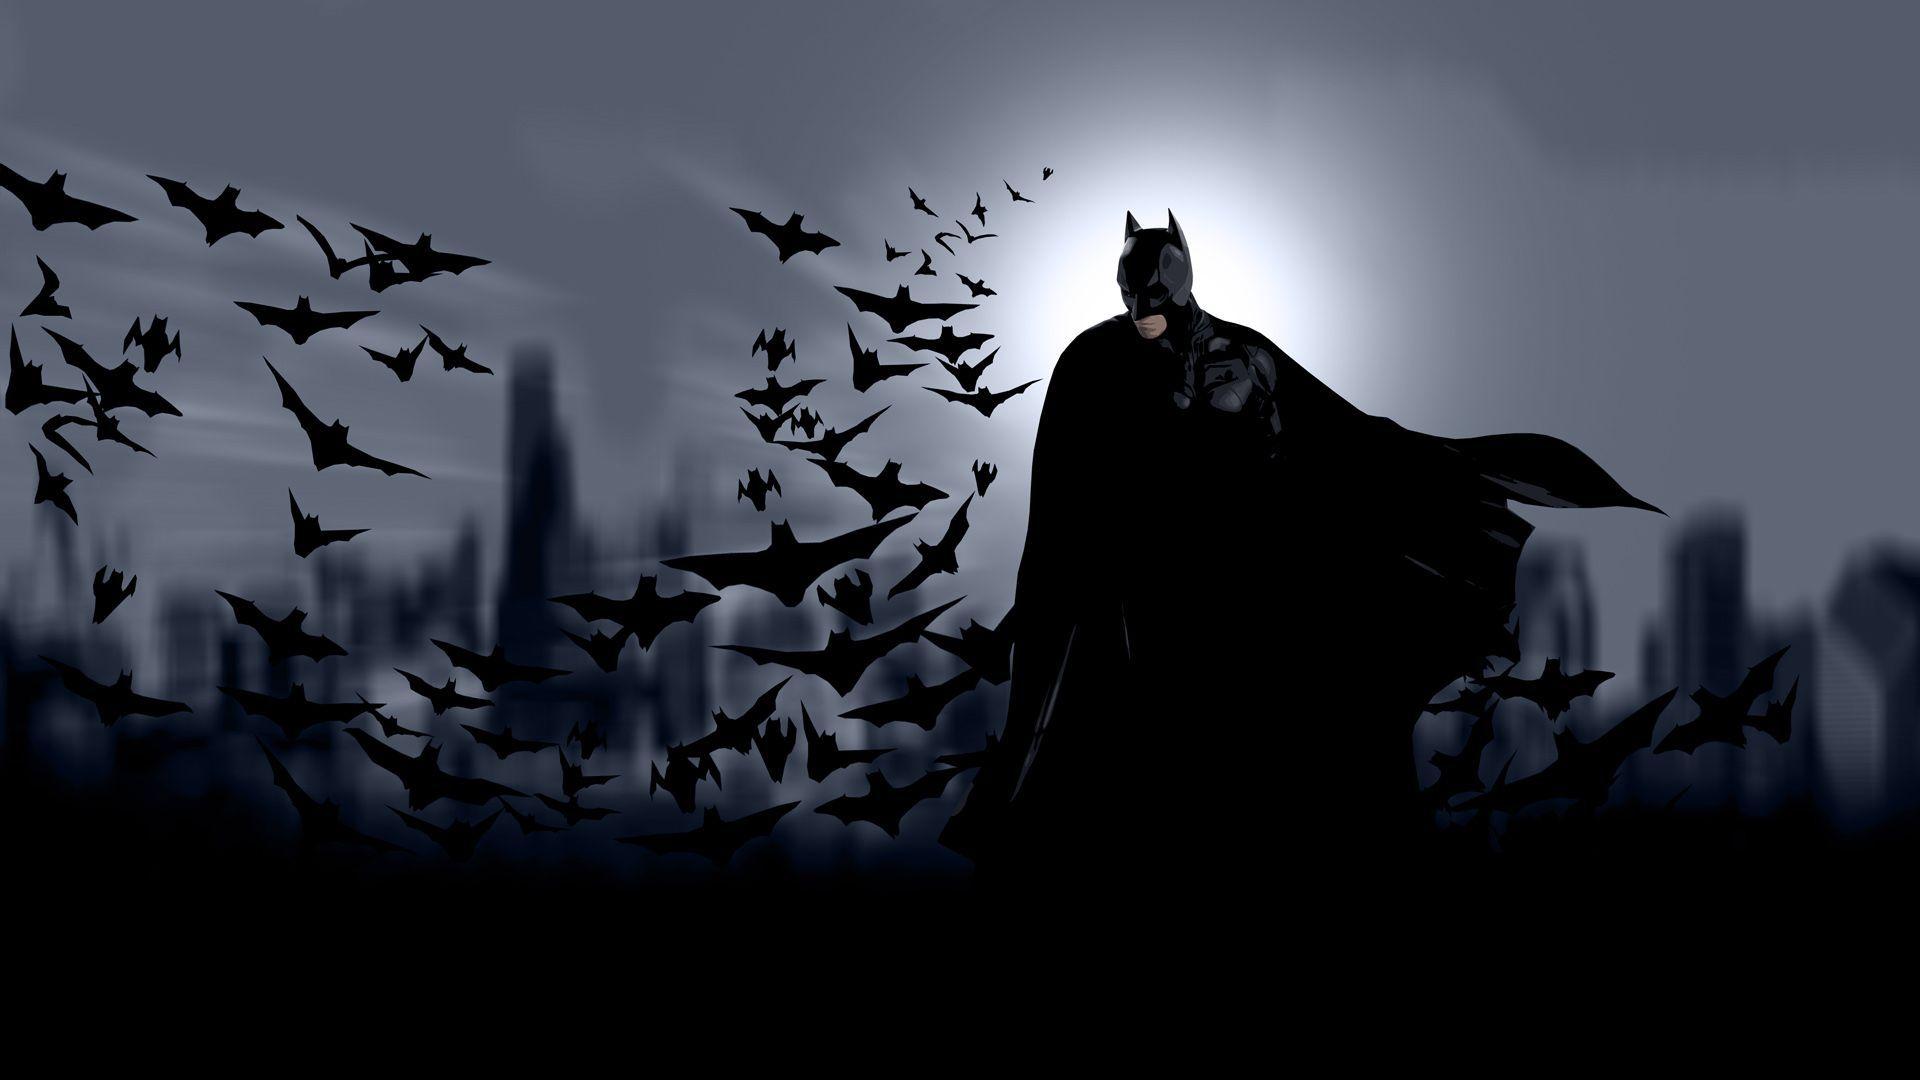 High Definition Batman Cartoon Wallpaper High Definition Wallpaper